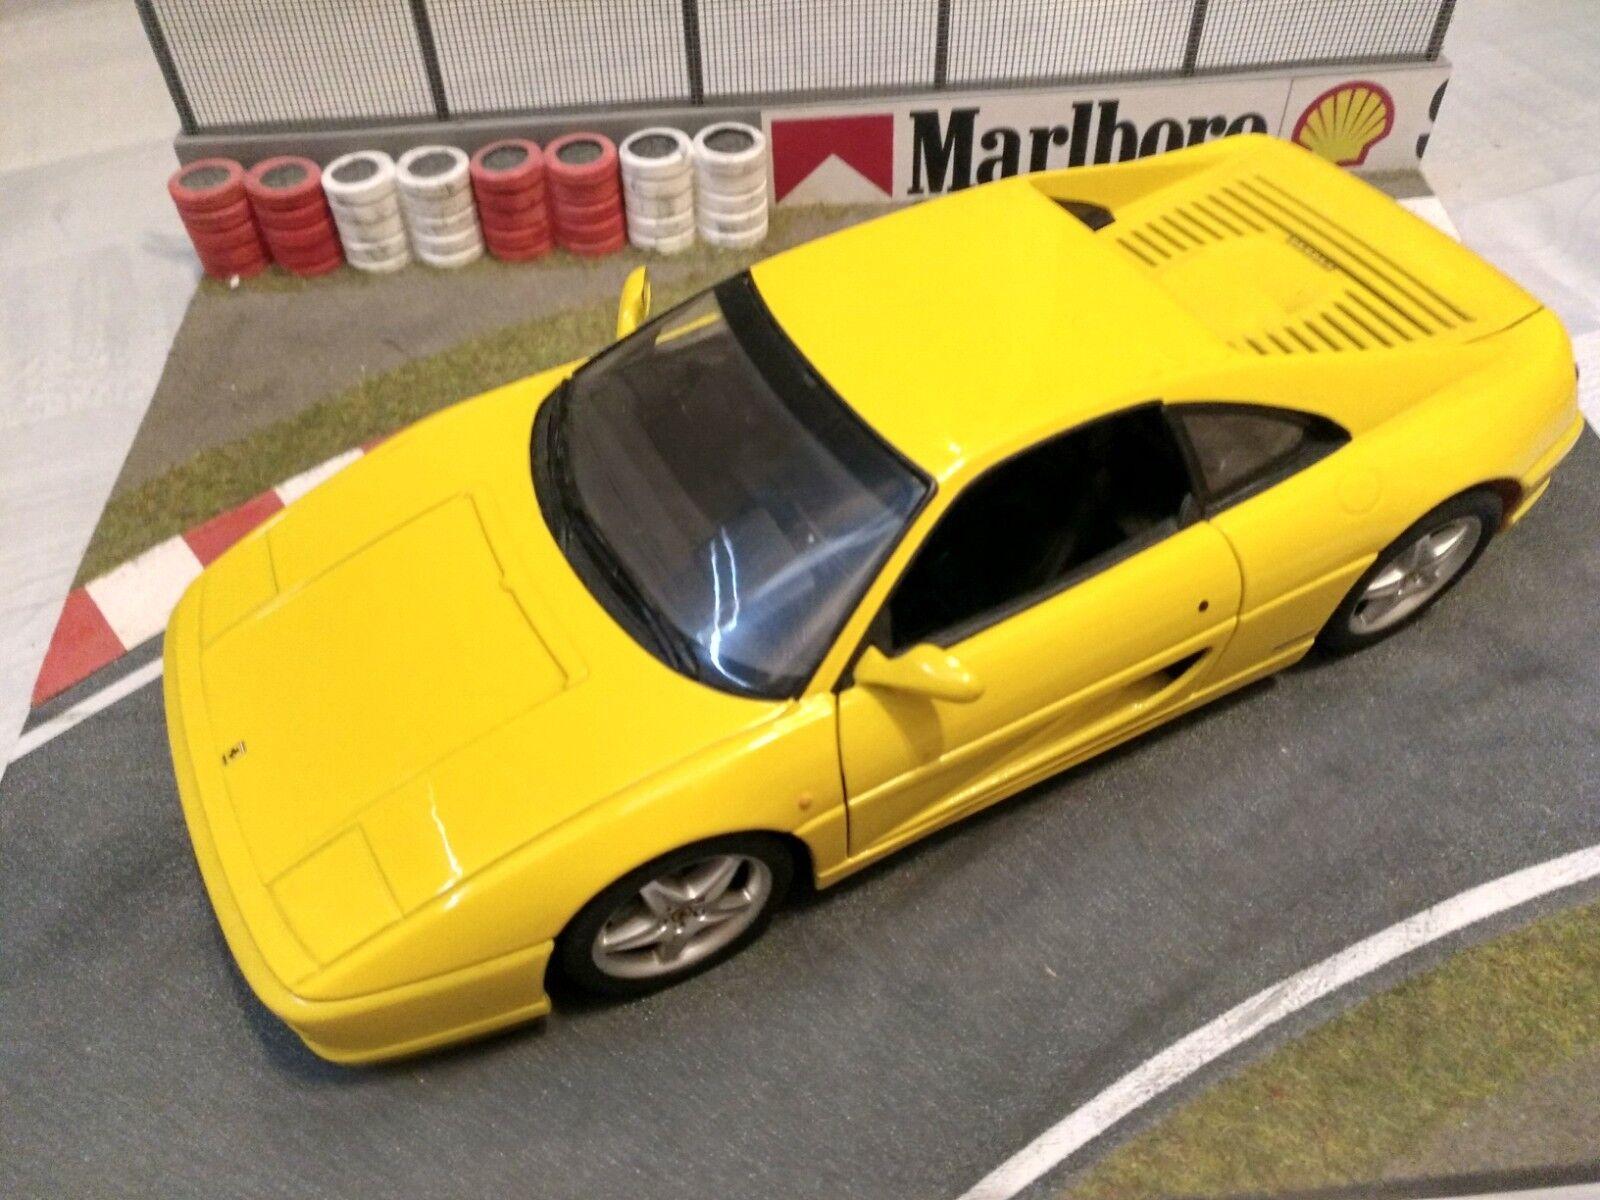 Ferrari 1 18 UT Models 355 giallo